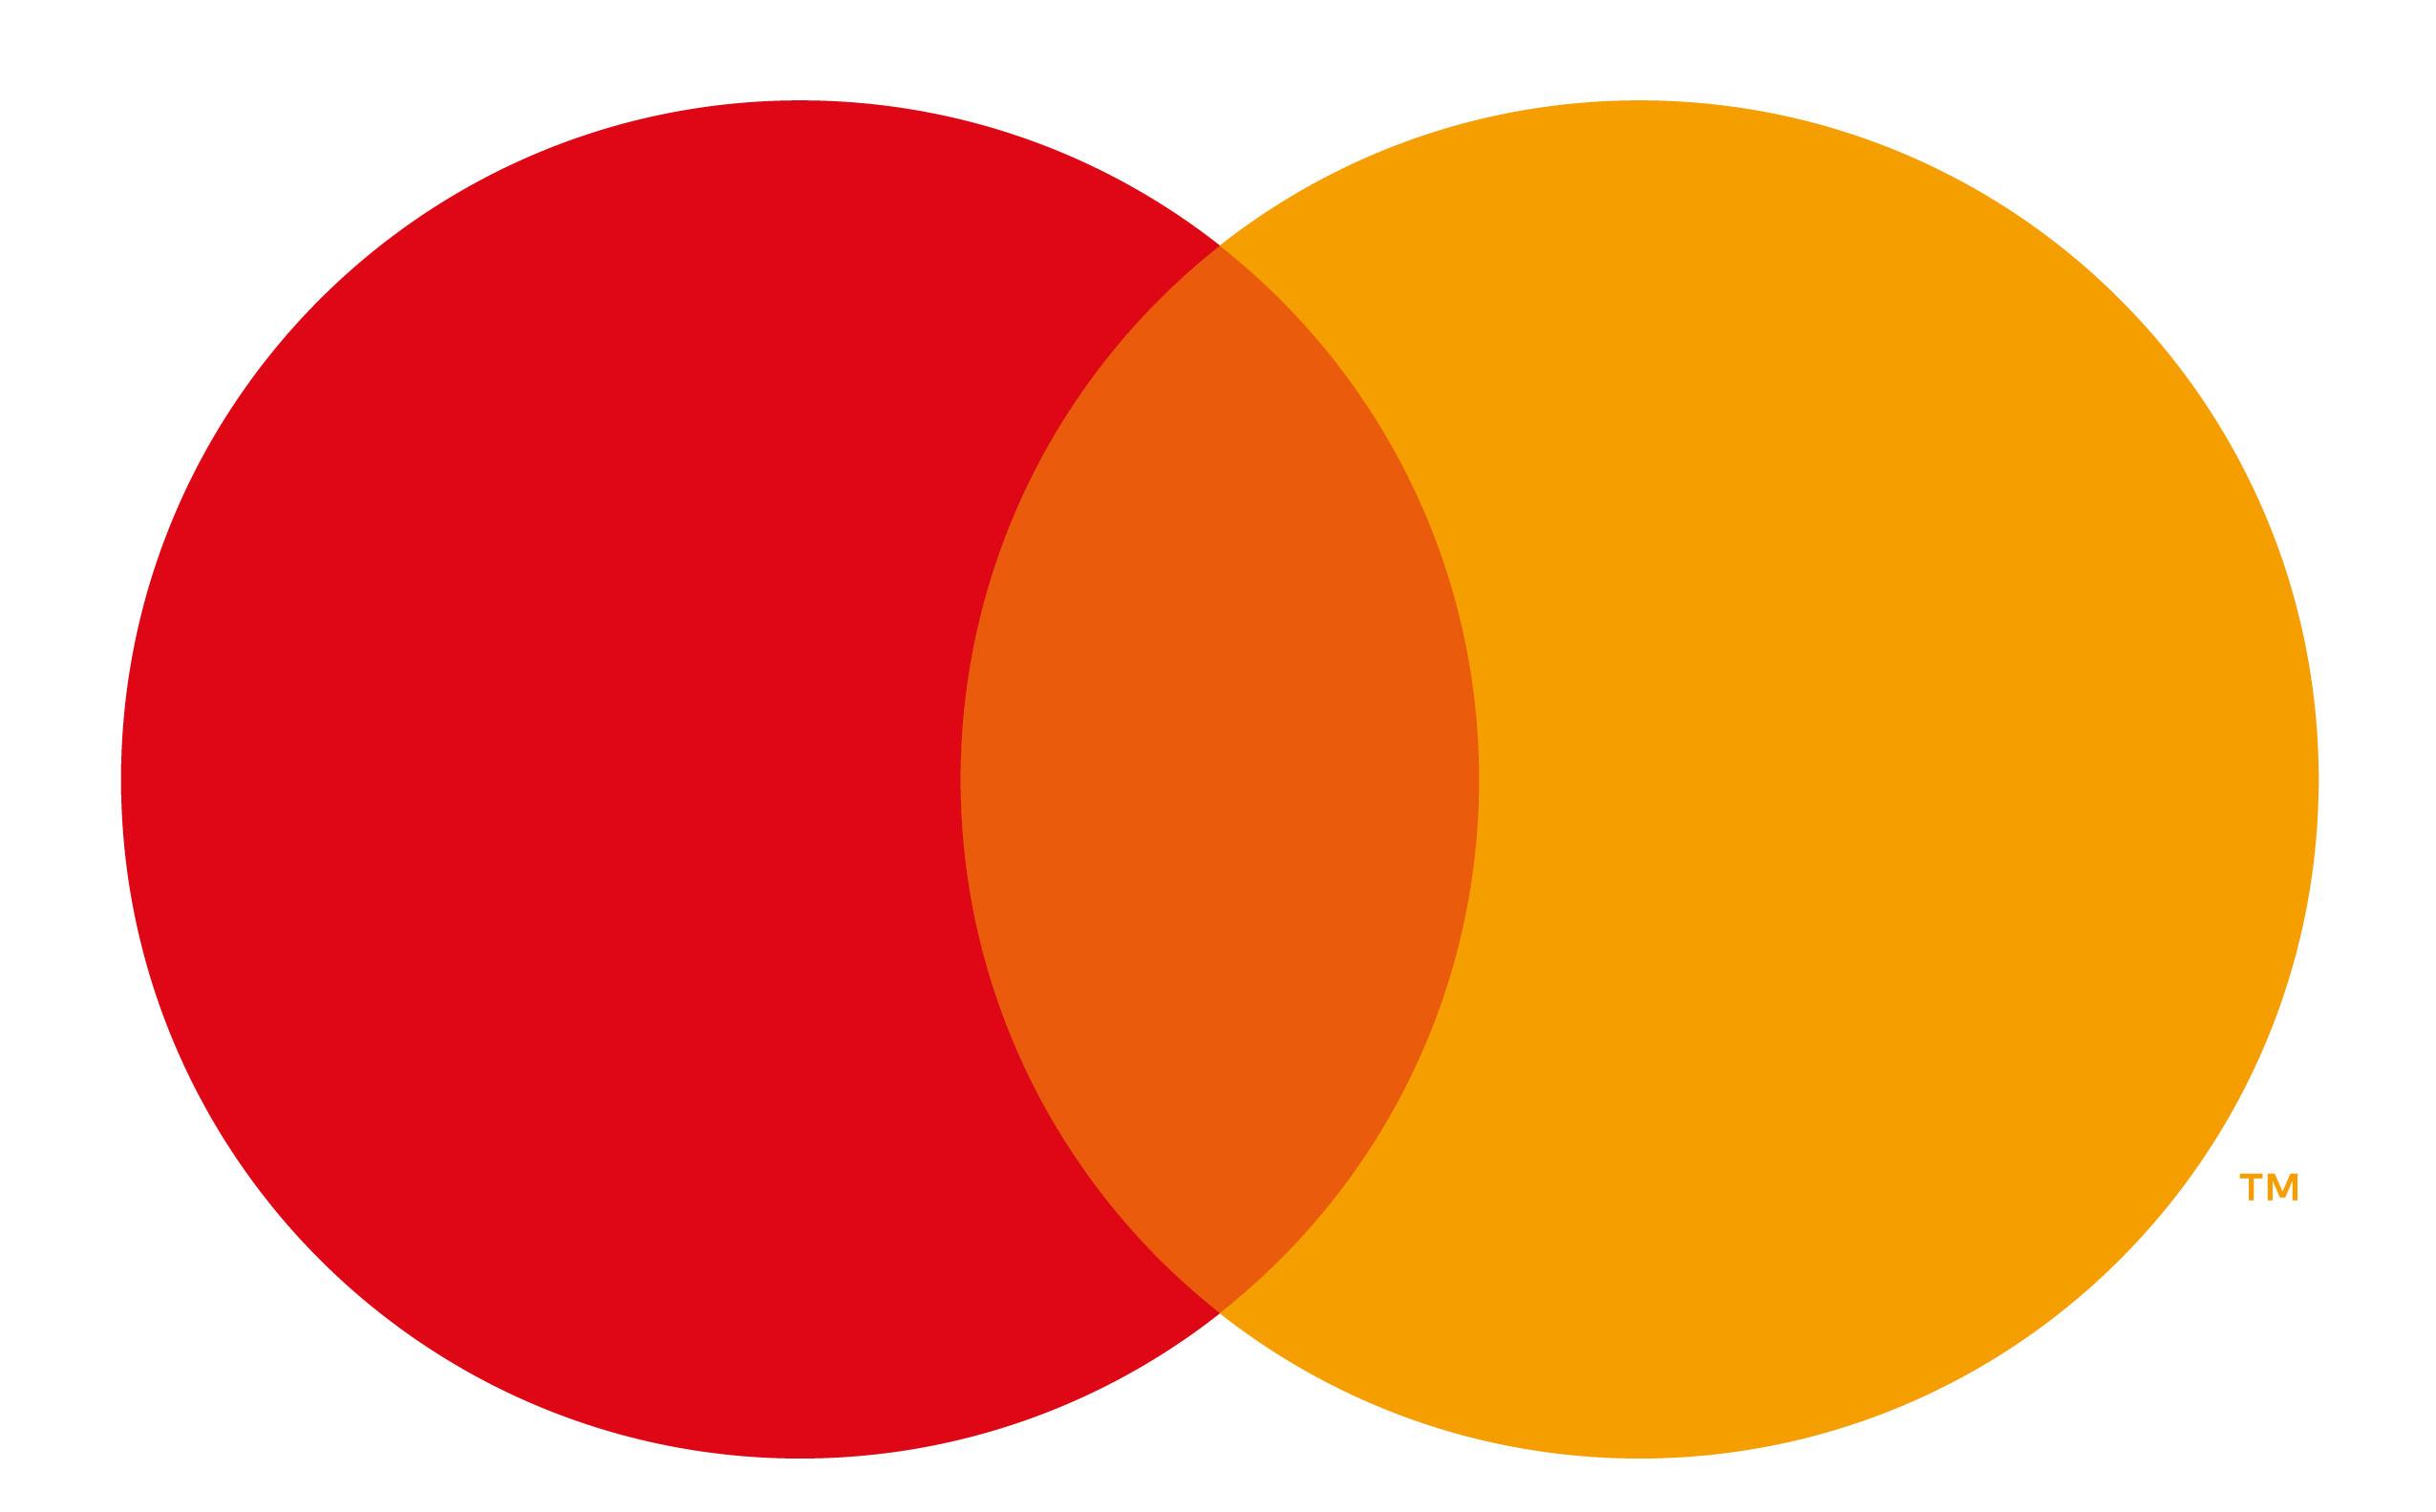 Οι Έλληνες πληρώνουν με κάρτες για να αποφύγουν τον κορονοϊό – Εκρηκτική αύξηση και στις ανέπαφες συναλλαγές